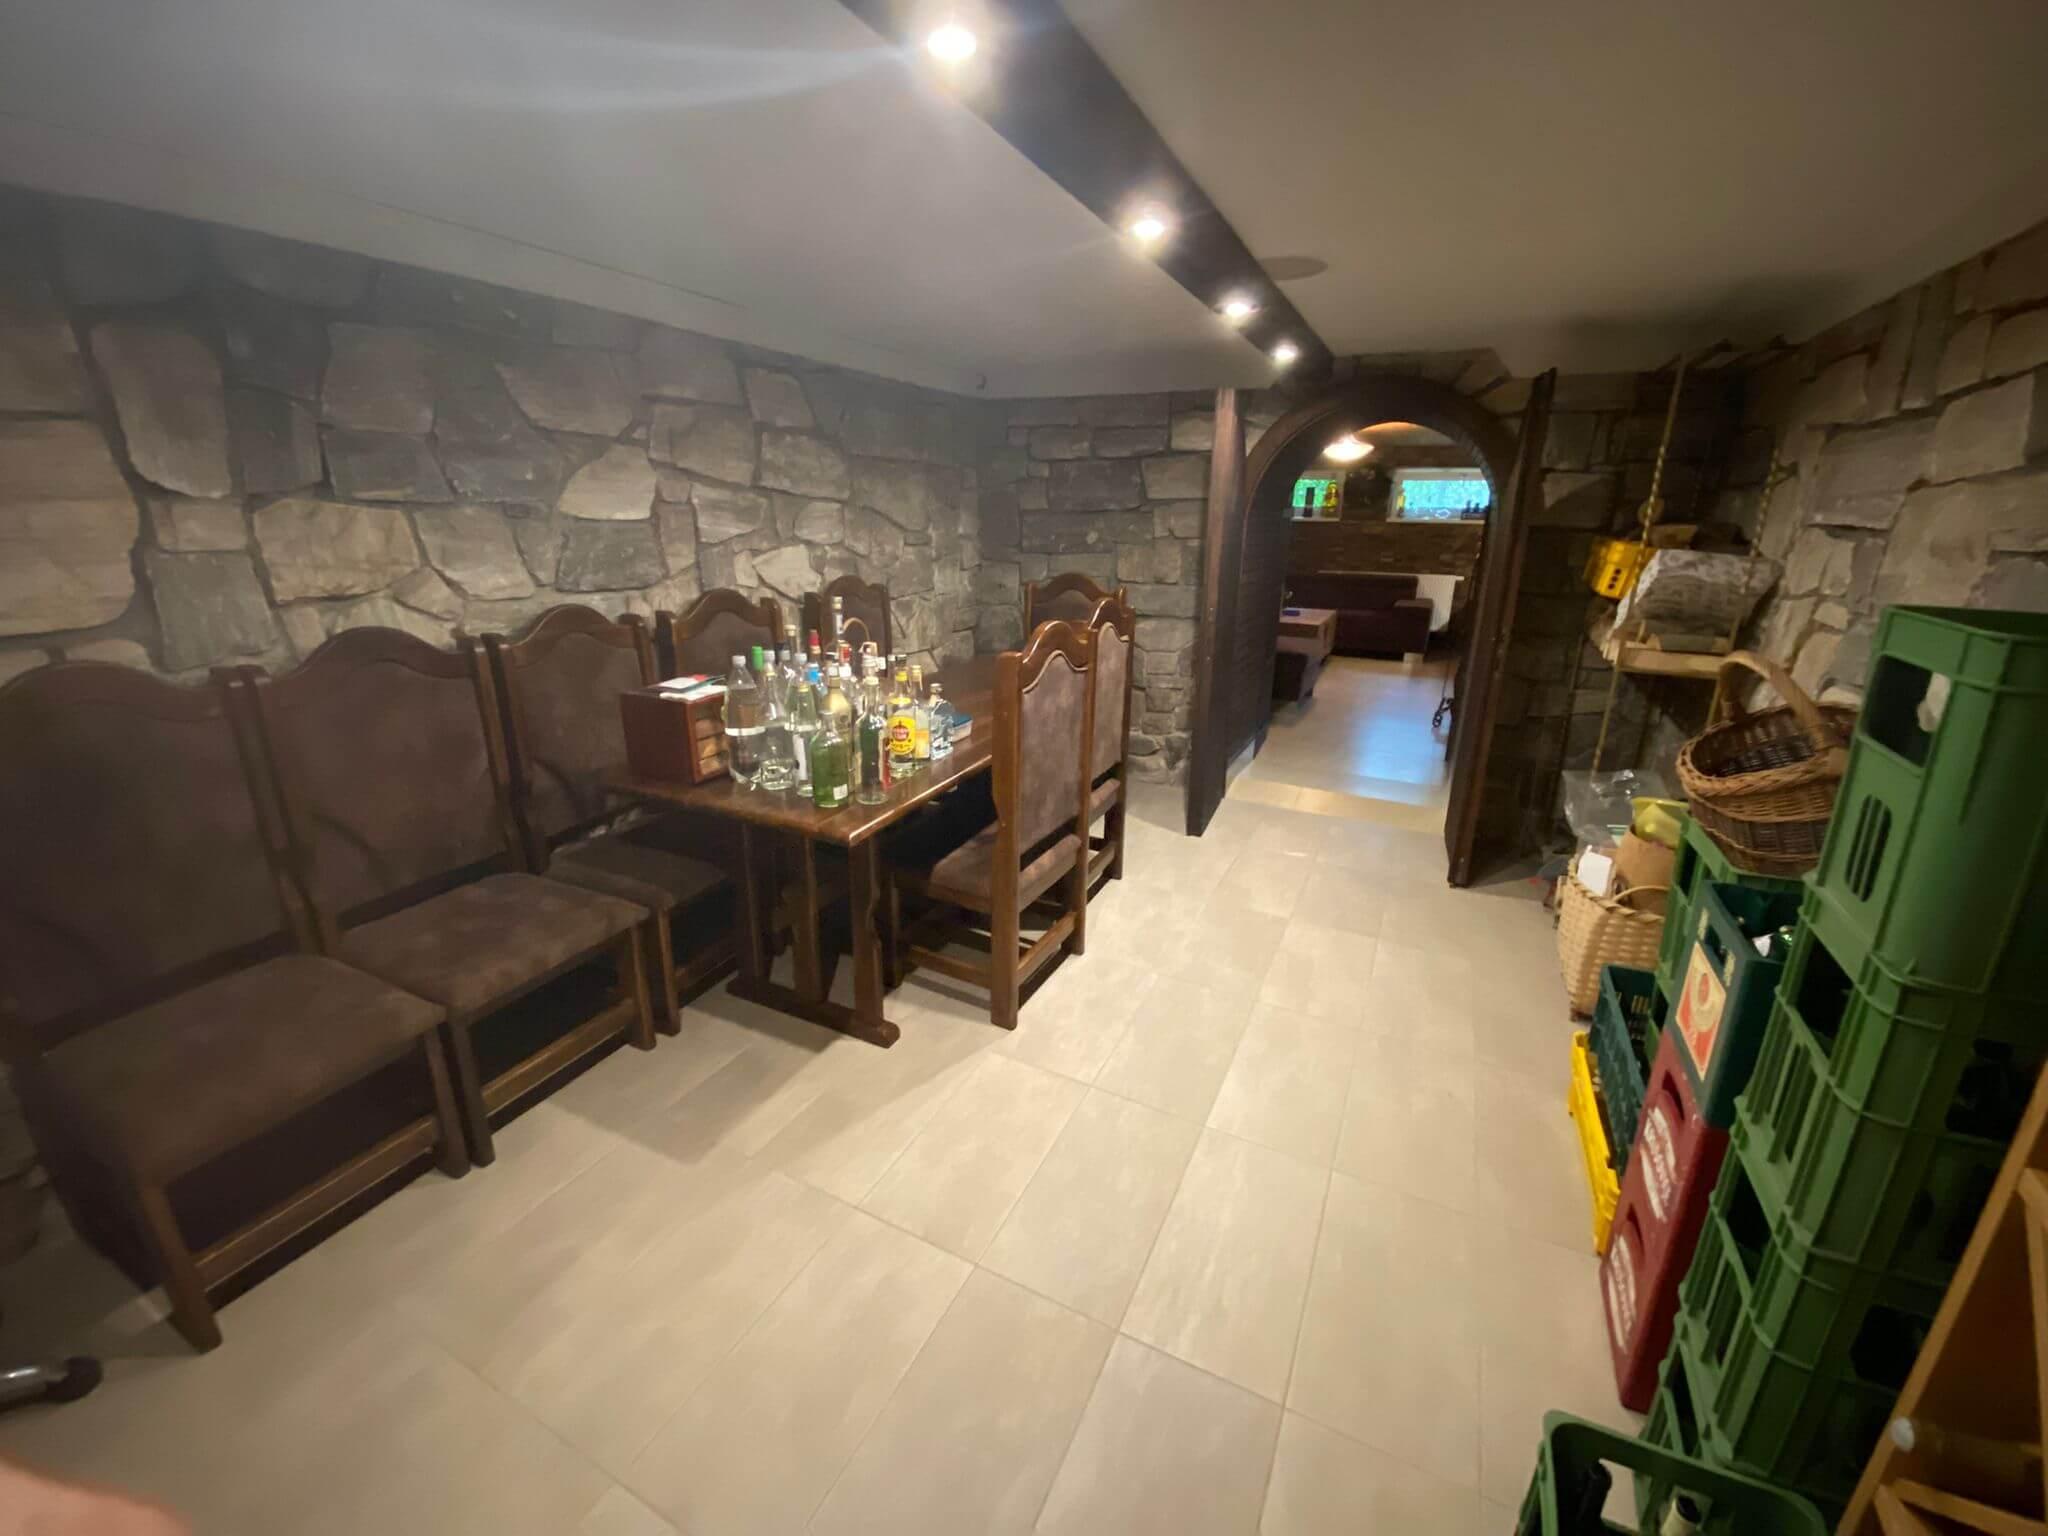 Rodinná Vila 6 izbová, úžitková 650m2, 3 podlažia, pozemok 1008m2, Lučenec – Opatová-15